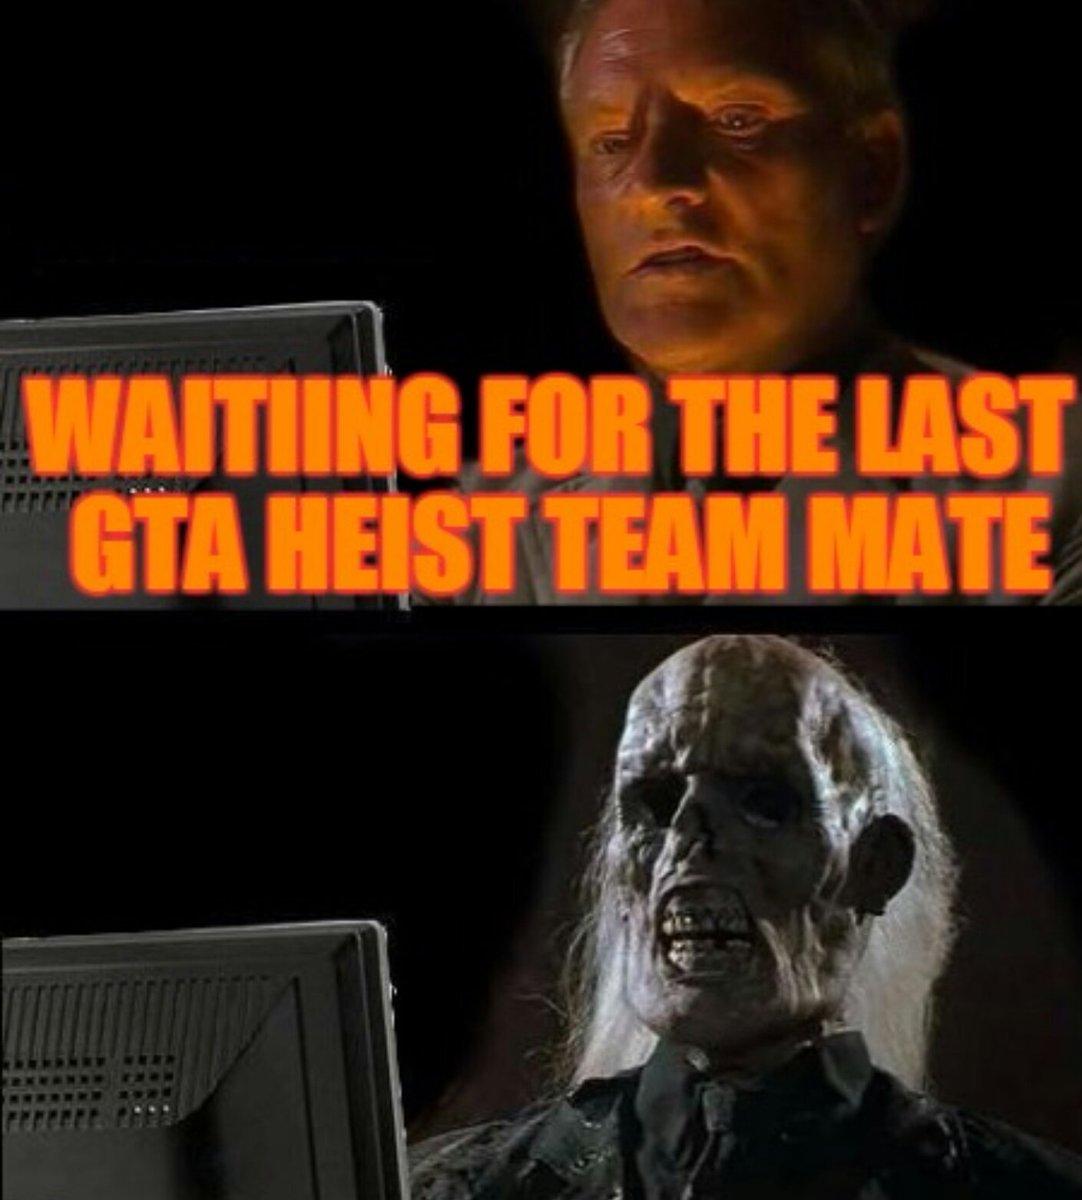 Gta 5 Online Heists (@GtaHeistsHolics) | Twitter